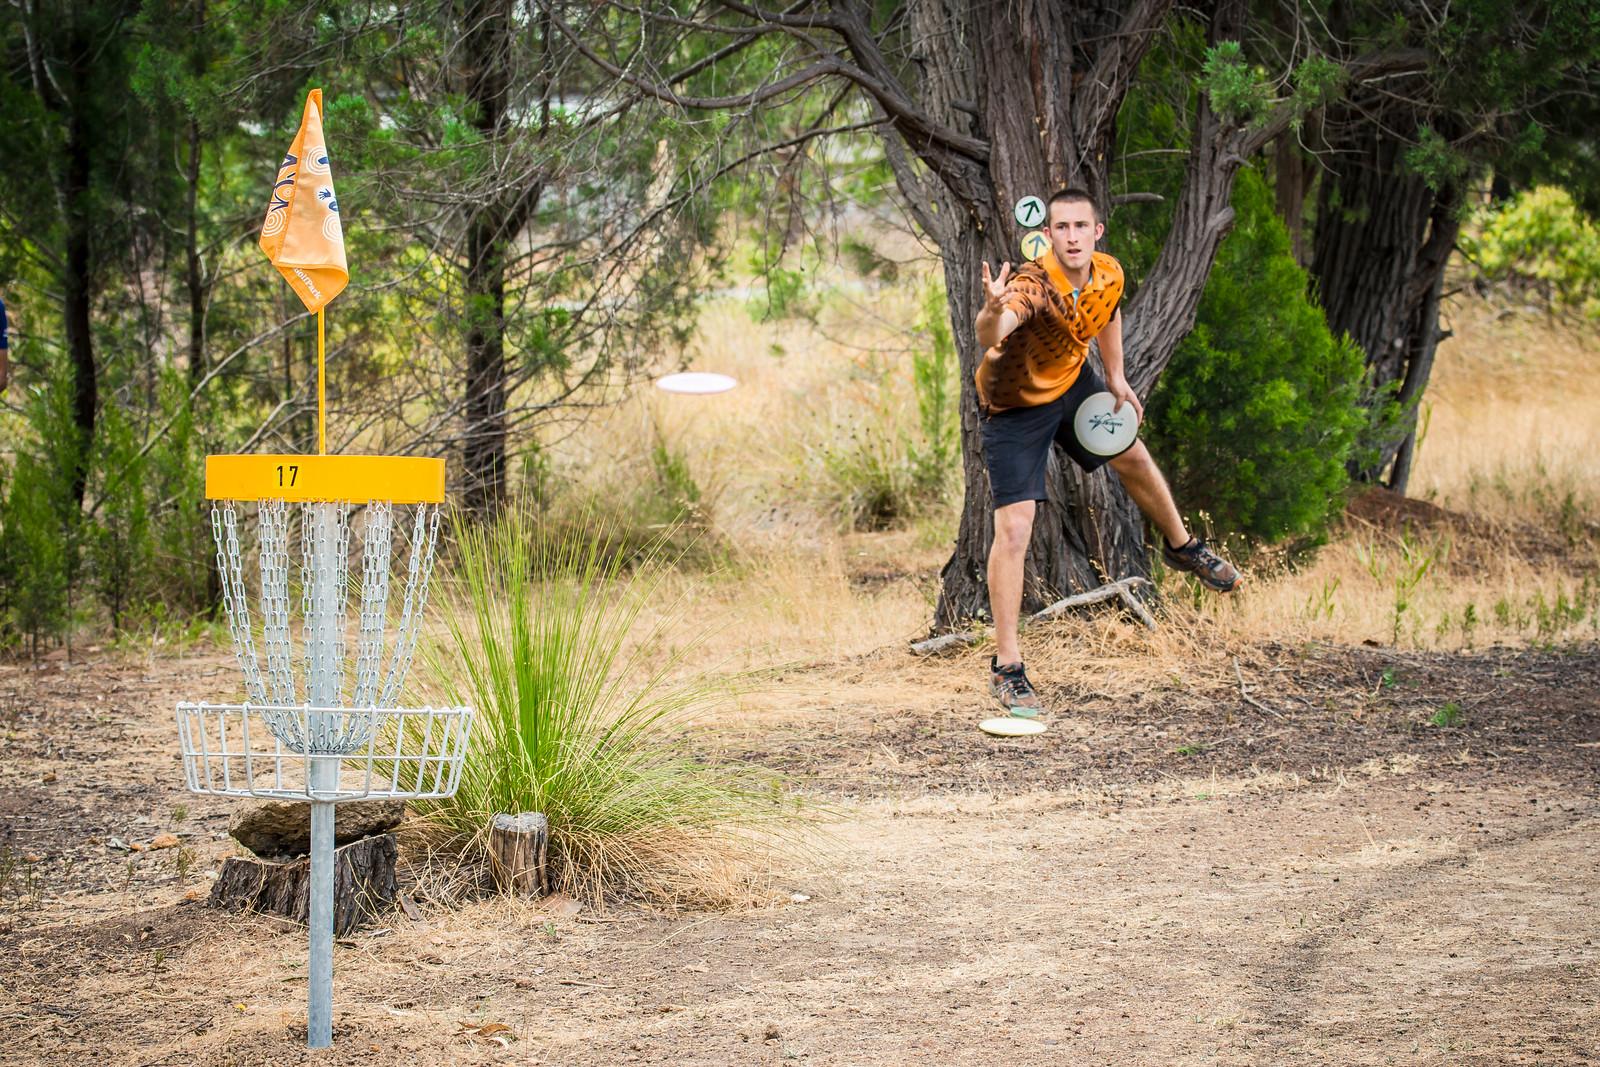 2015 Aussie Open Ricky Wysocki 4 By Jussi